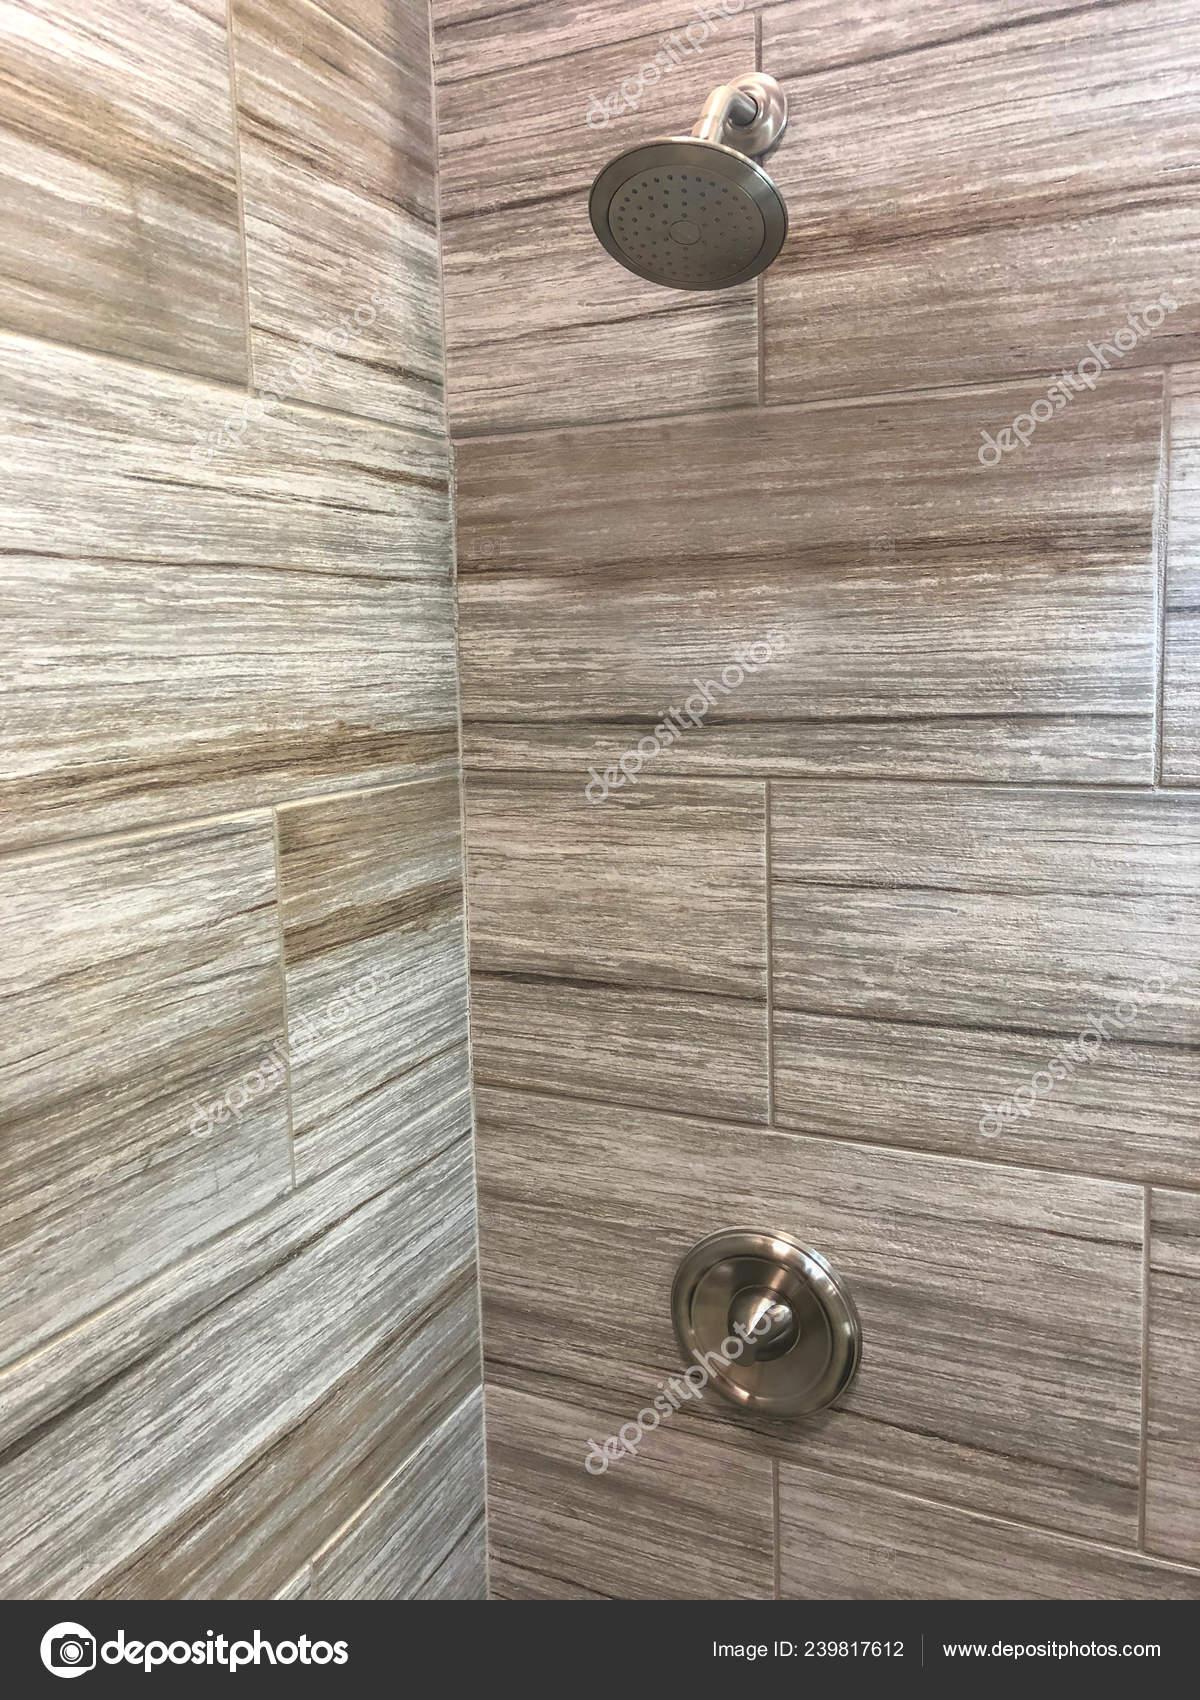 Nuevos Azulejos Pared Instalada Cuarto Baño — Foto de stock ...